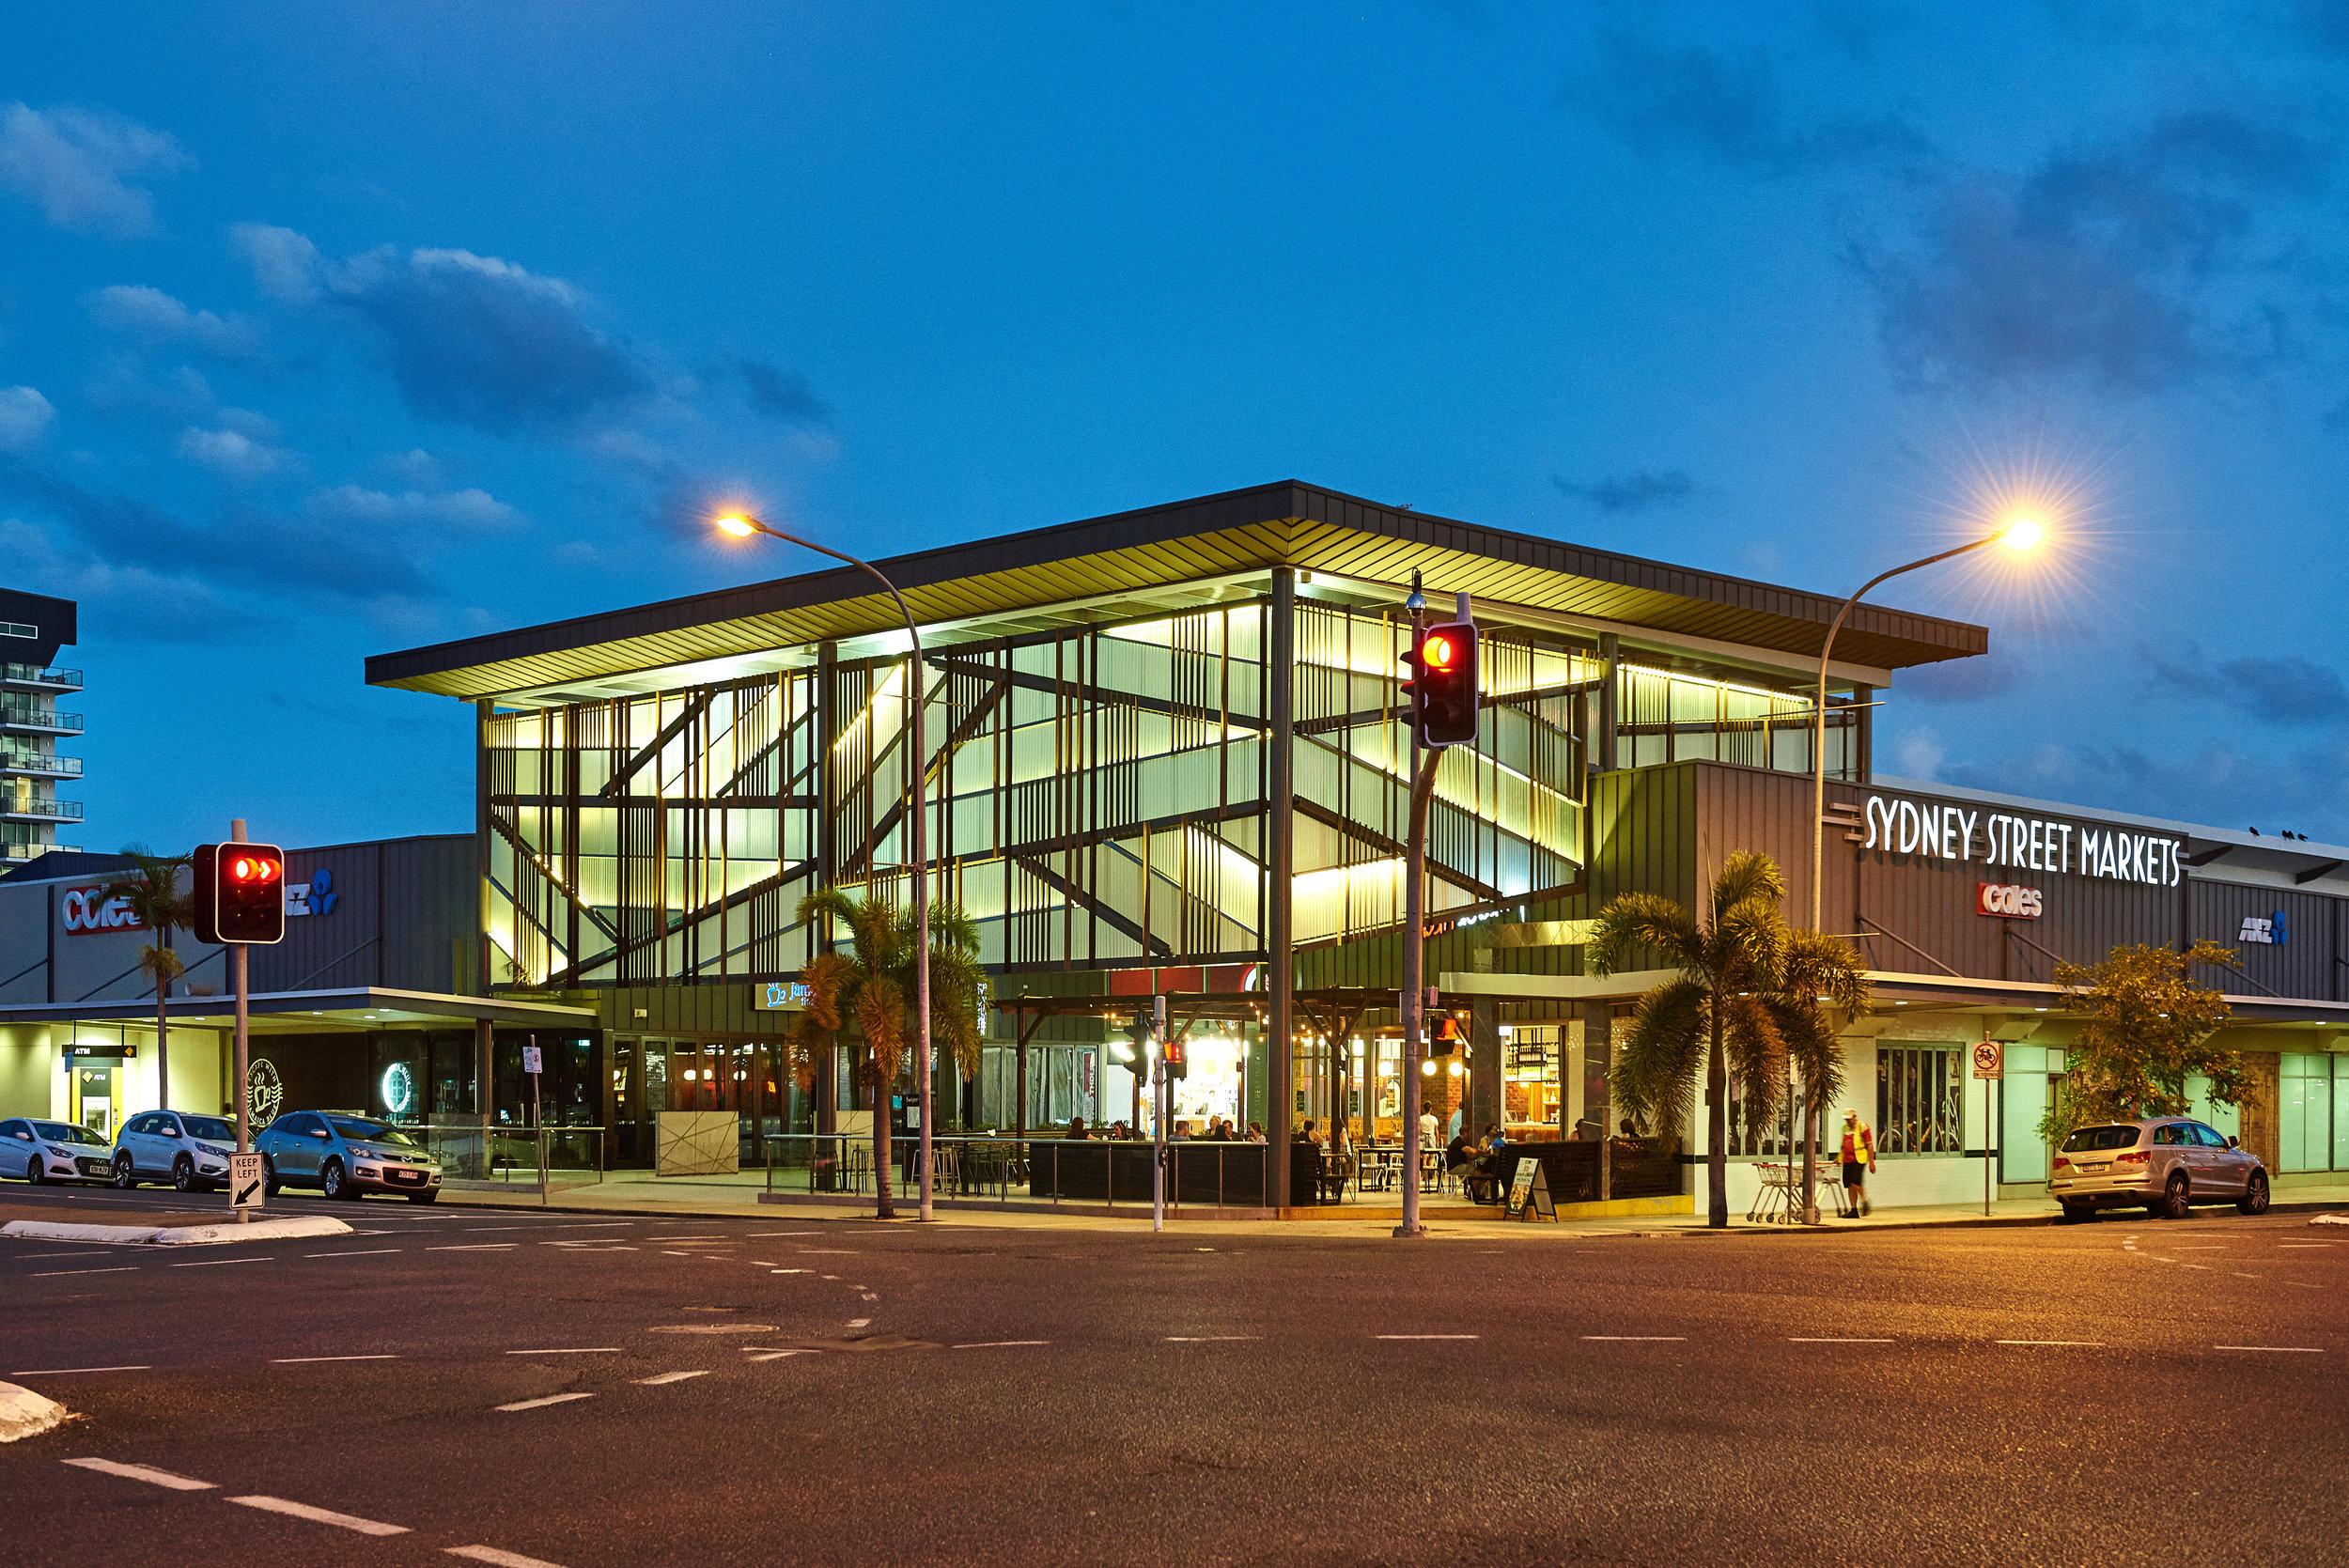 Sydney Street Markets in Mackay